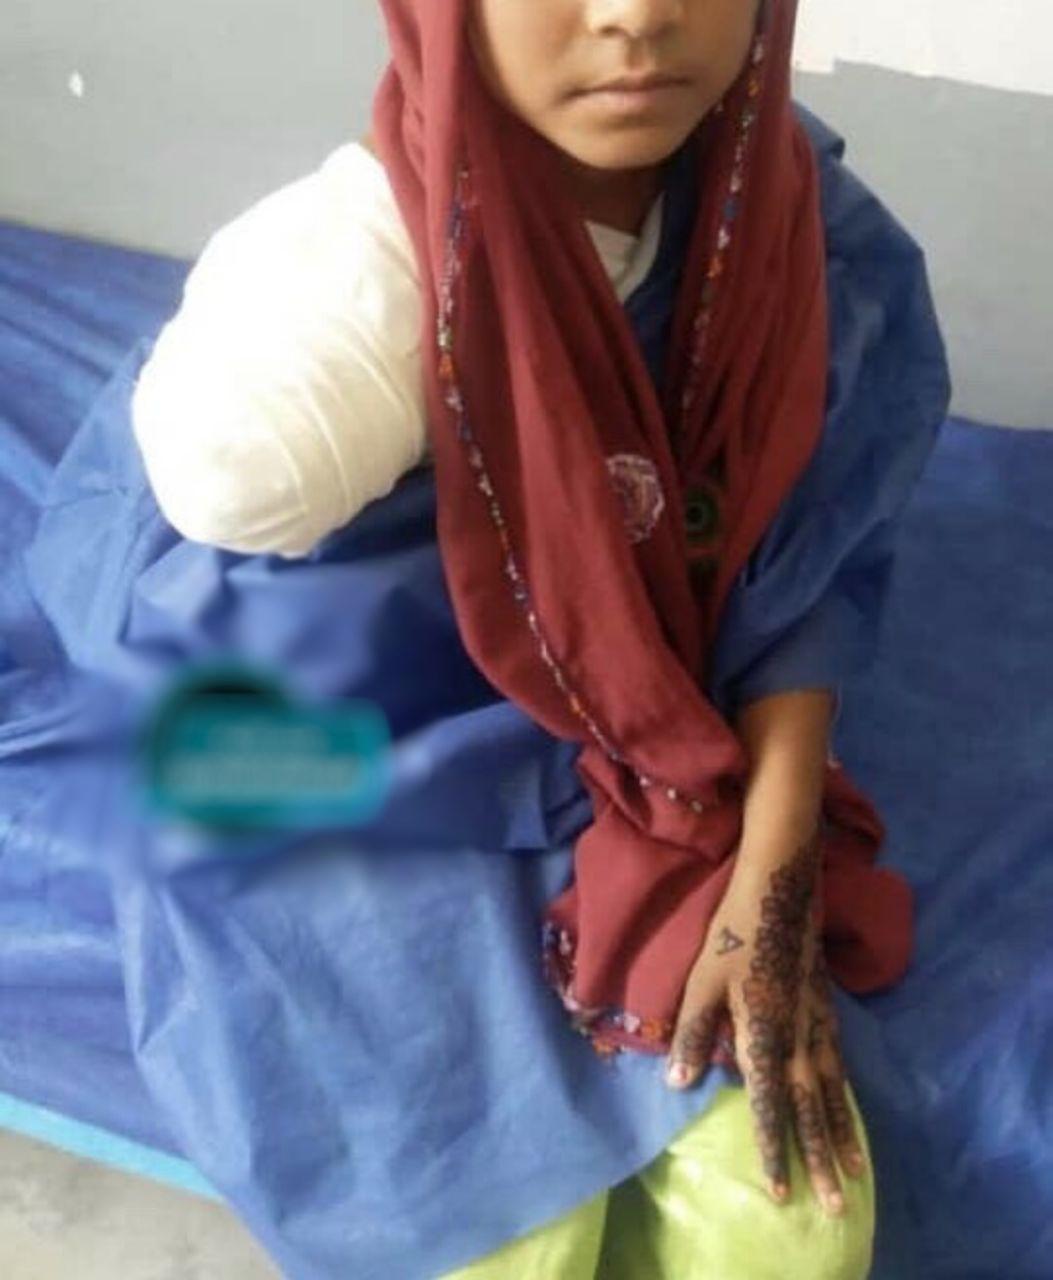 تصویری از آخرین وضعیت دختری که به خاطر گاندو دستش قطع شد!